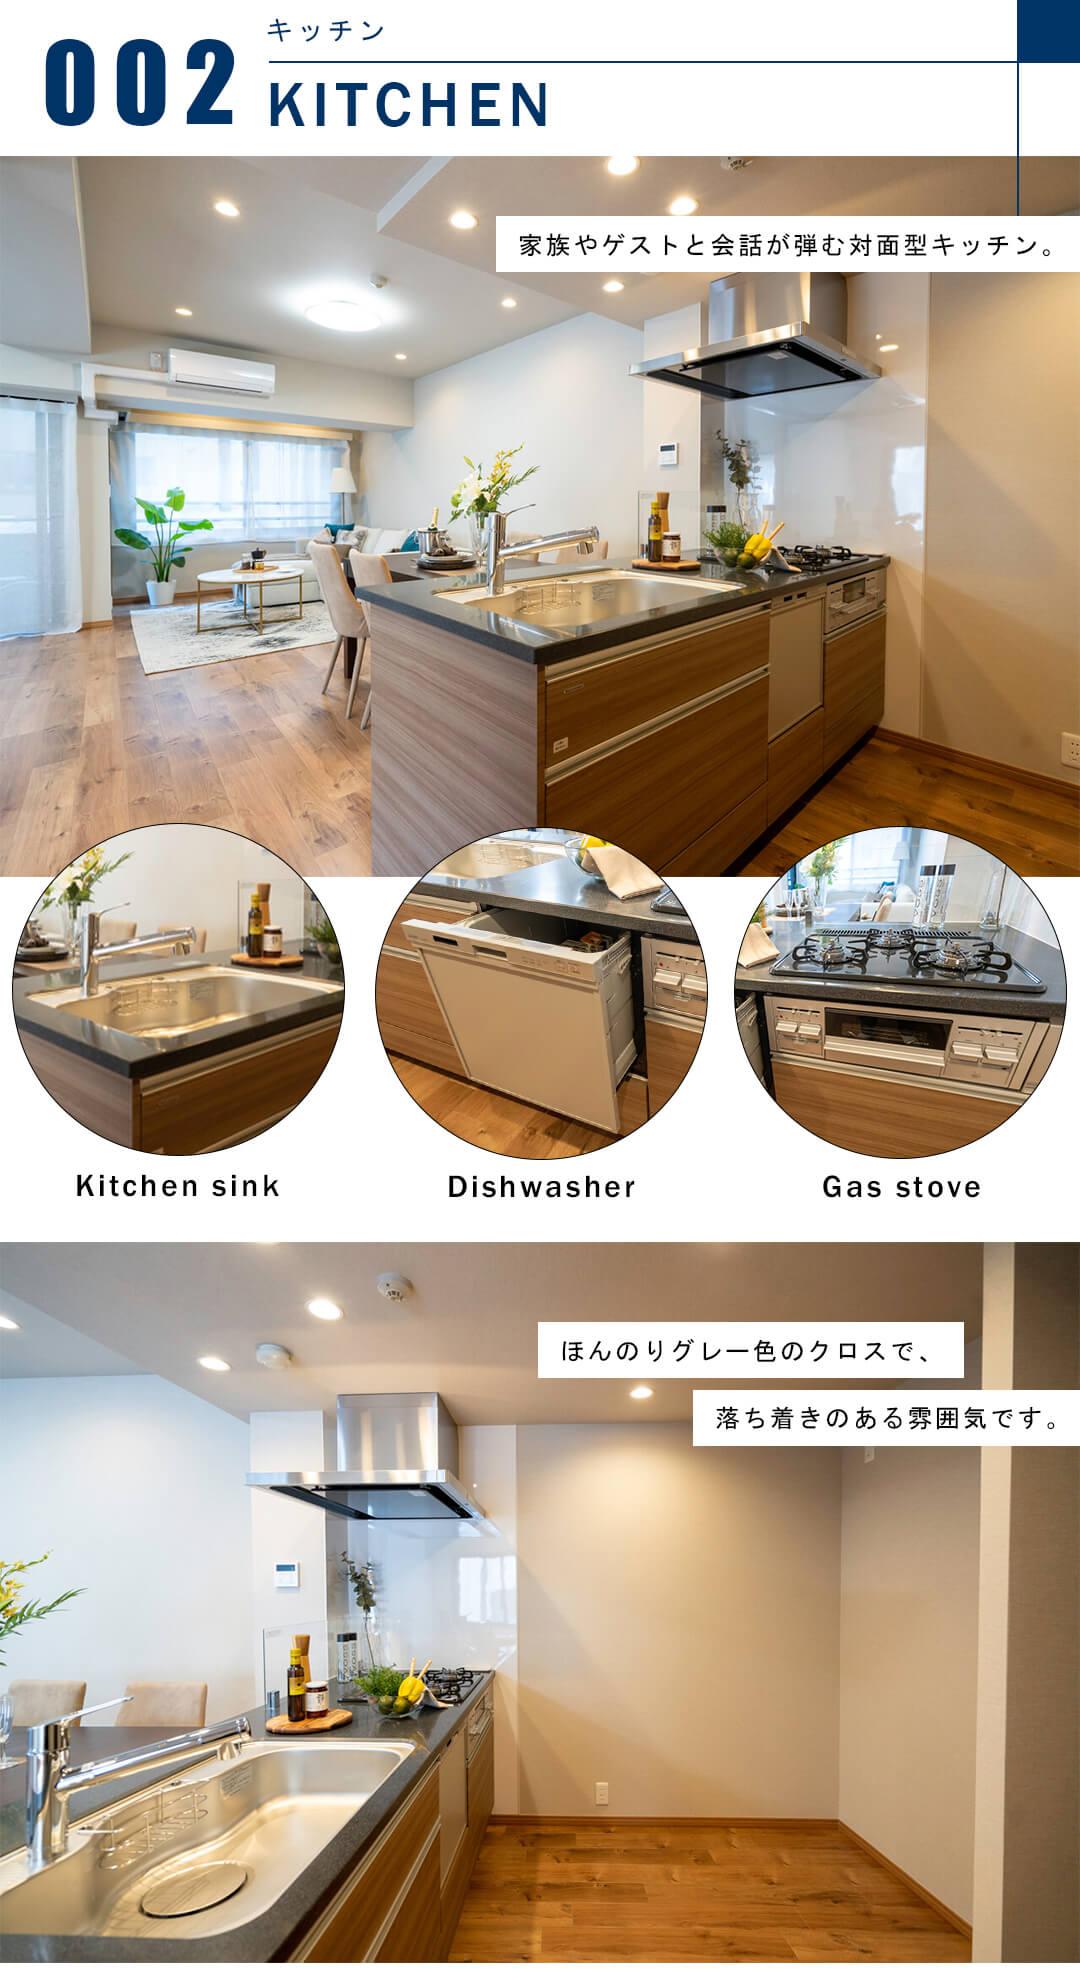 クレストフォルム東京日本橋のキッチン